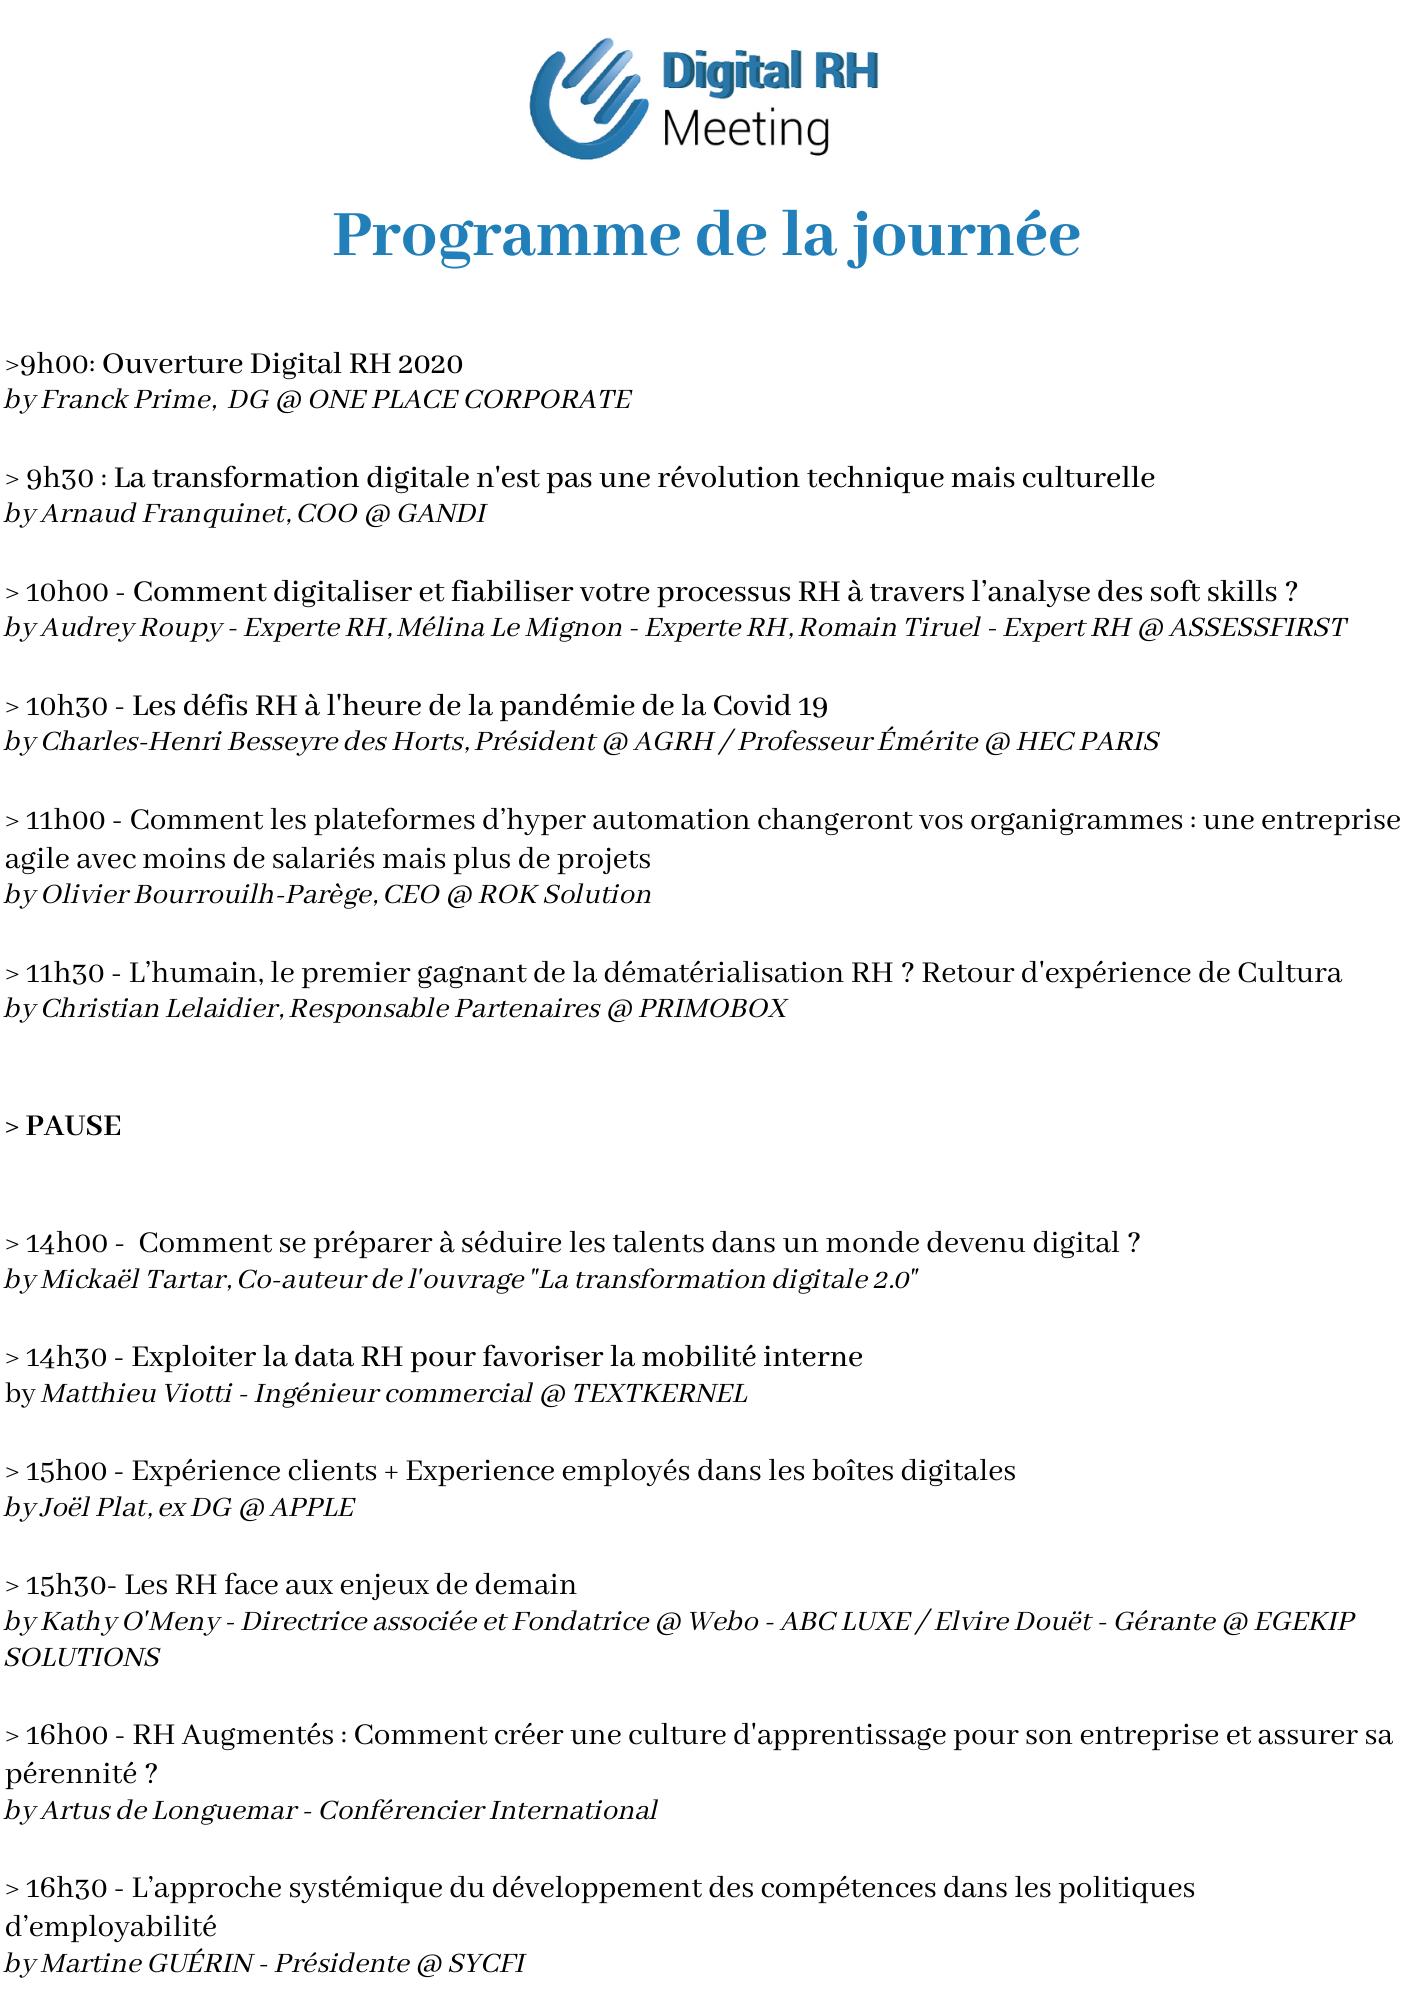 DRH 2021 - Programme de conférence